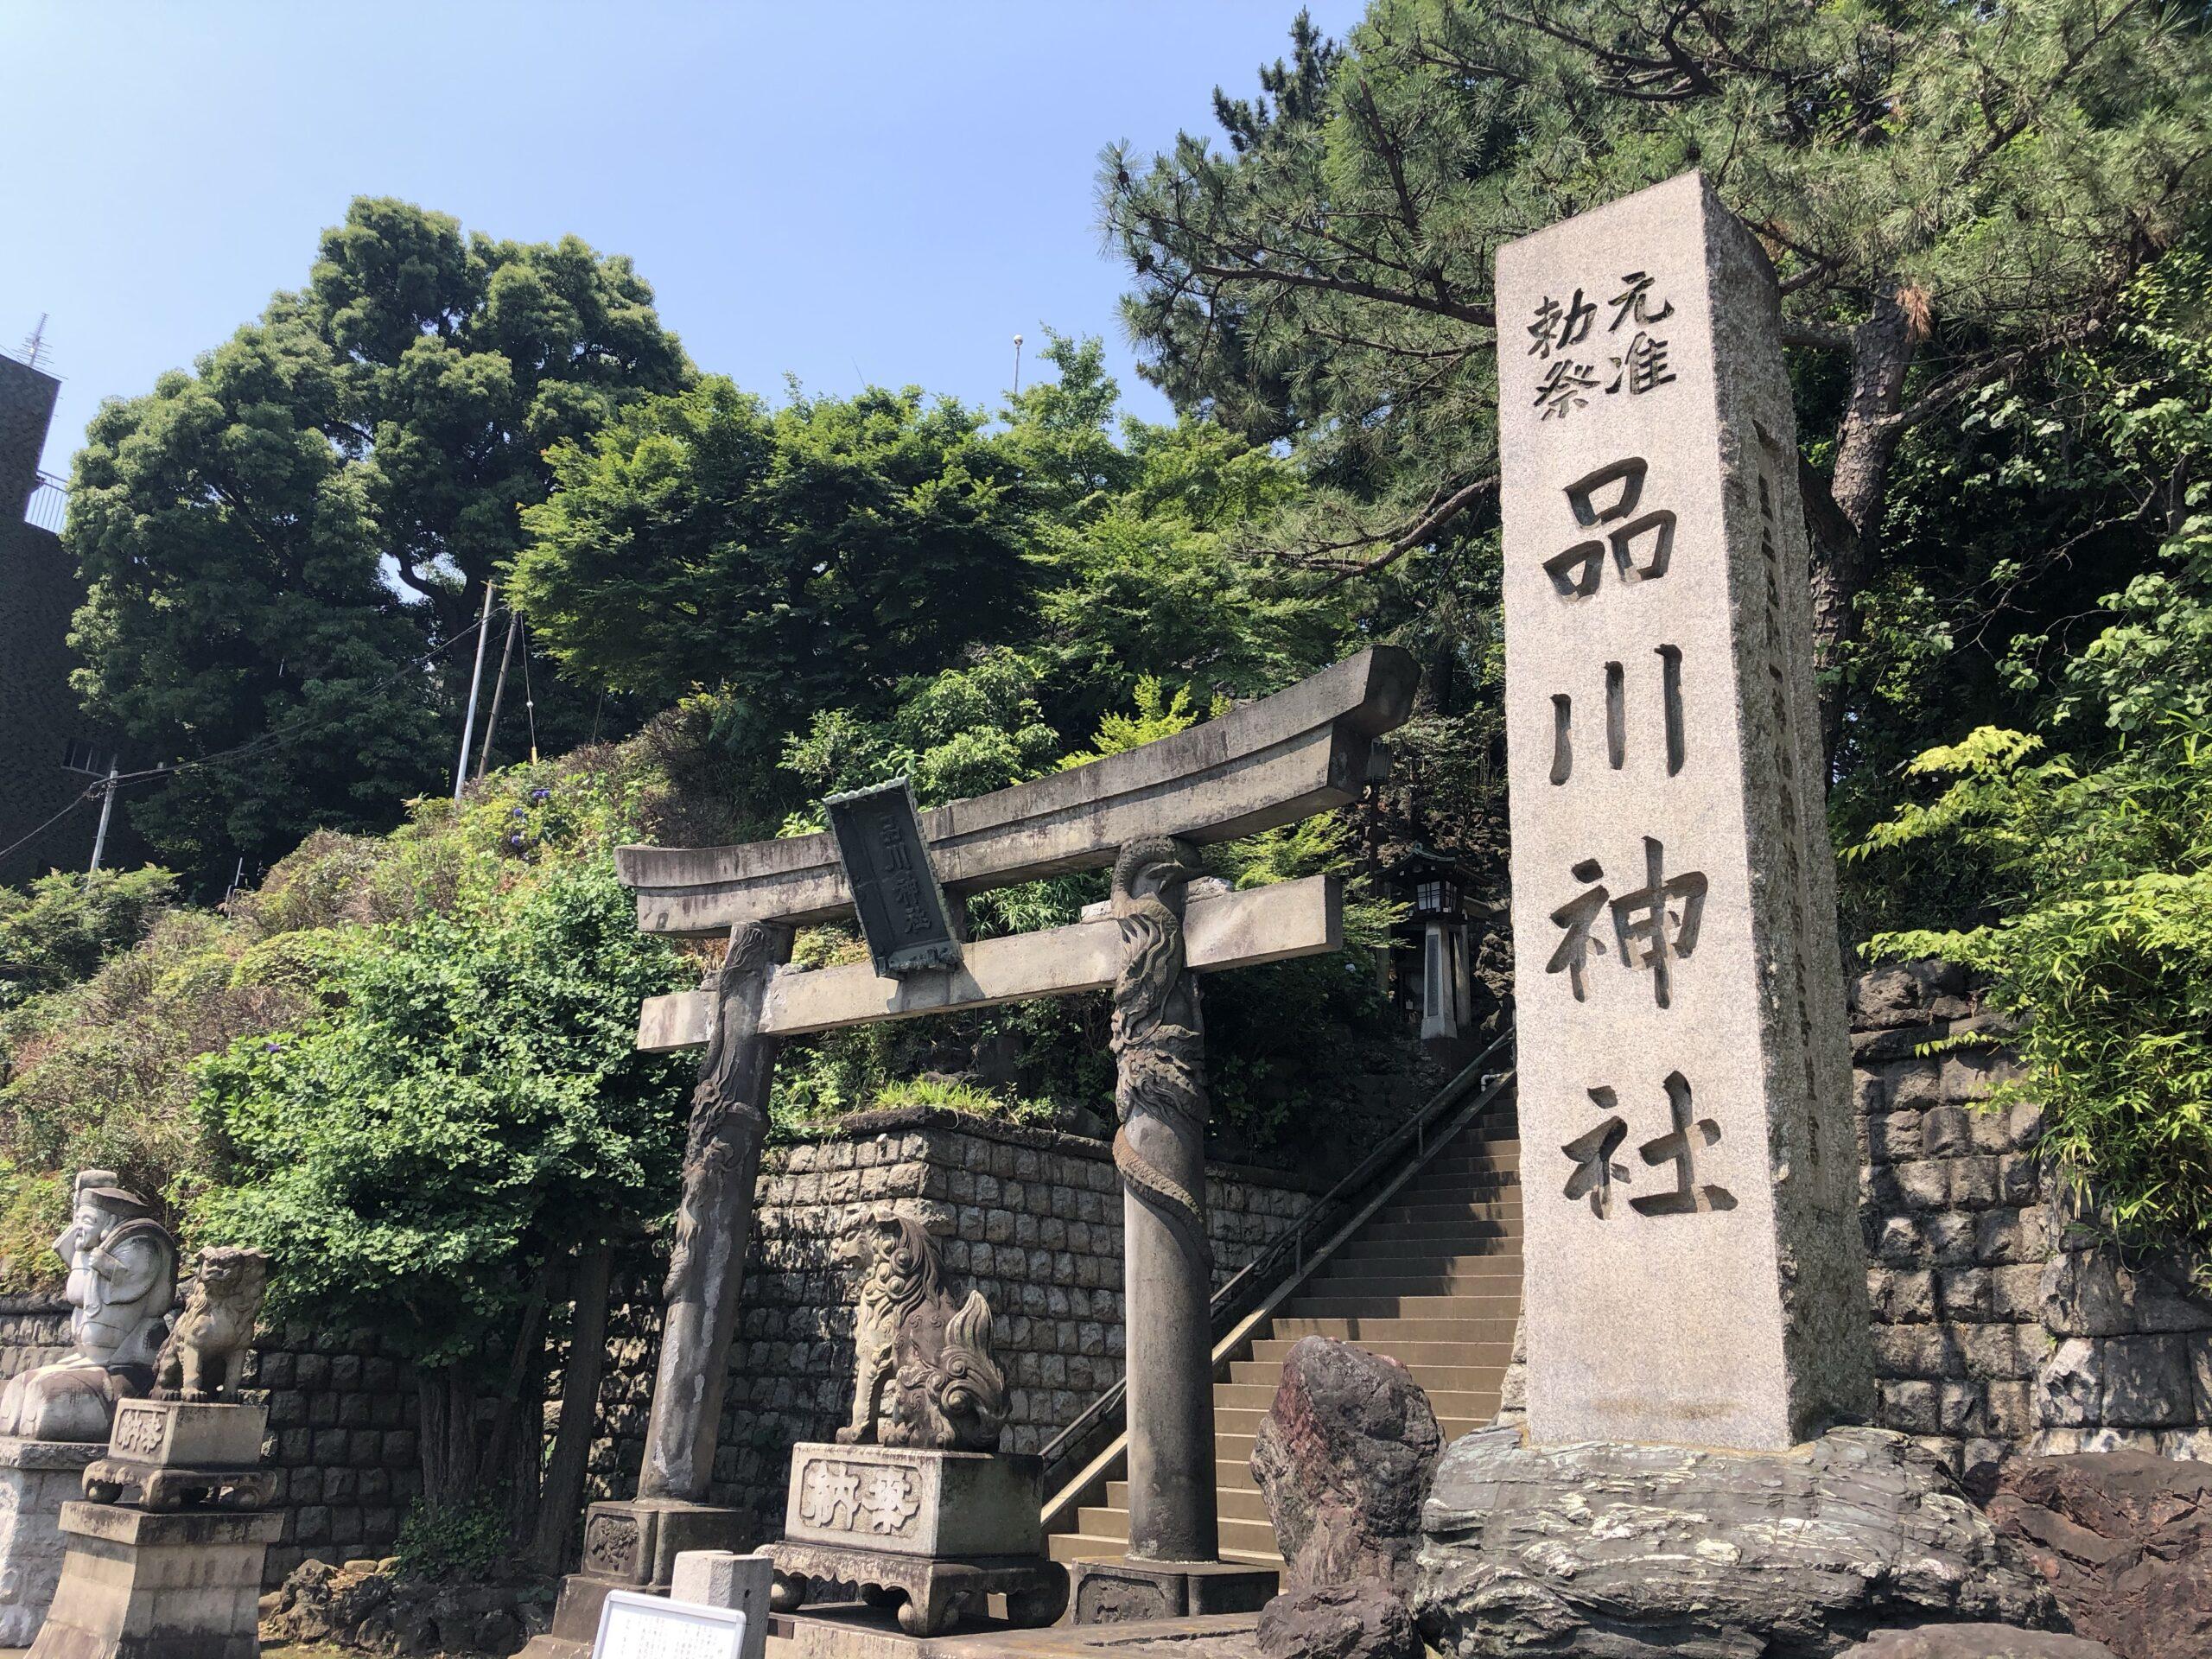 北品川から大森まで旧東海道を歩く「東海七福神めぐり」